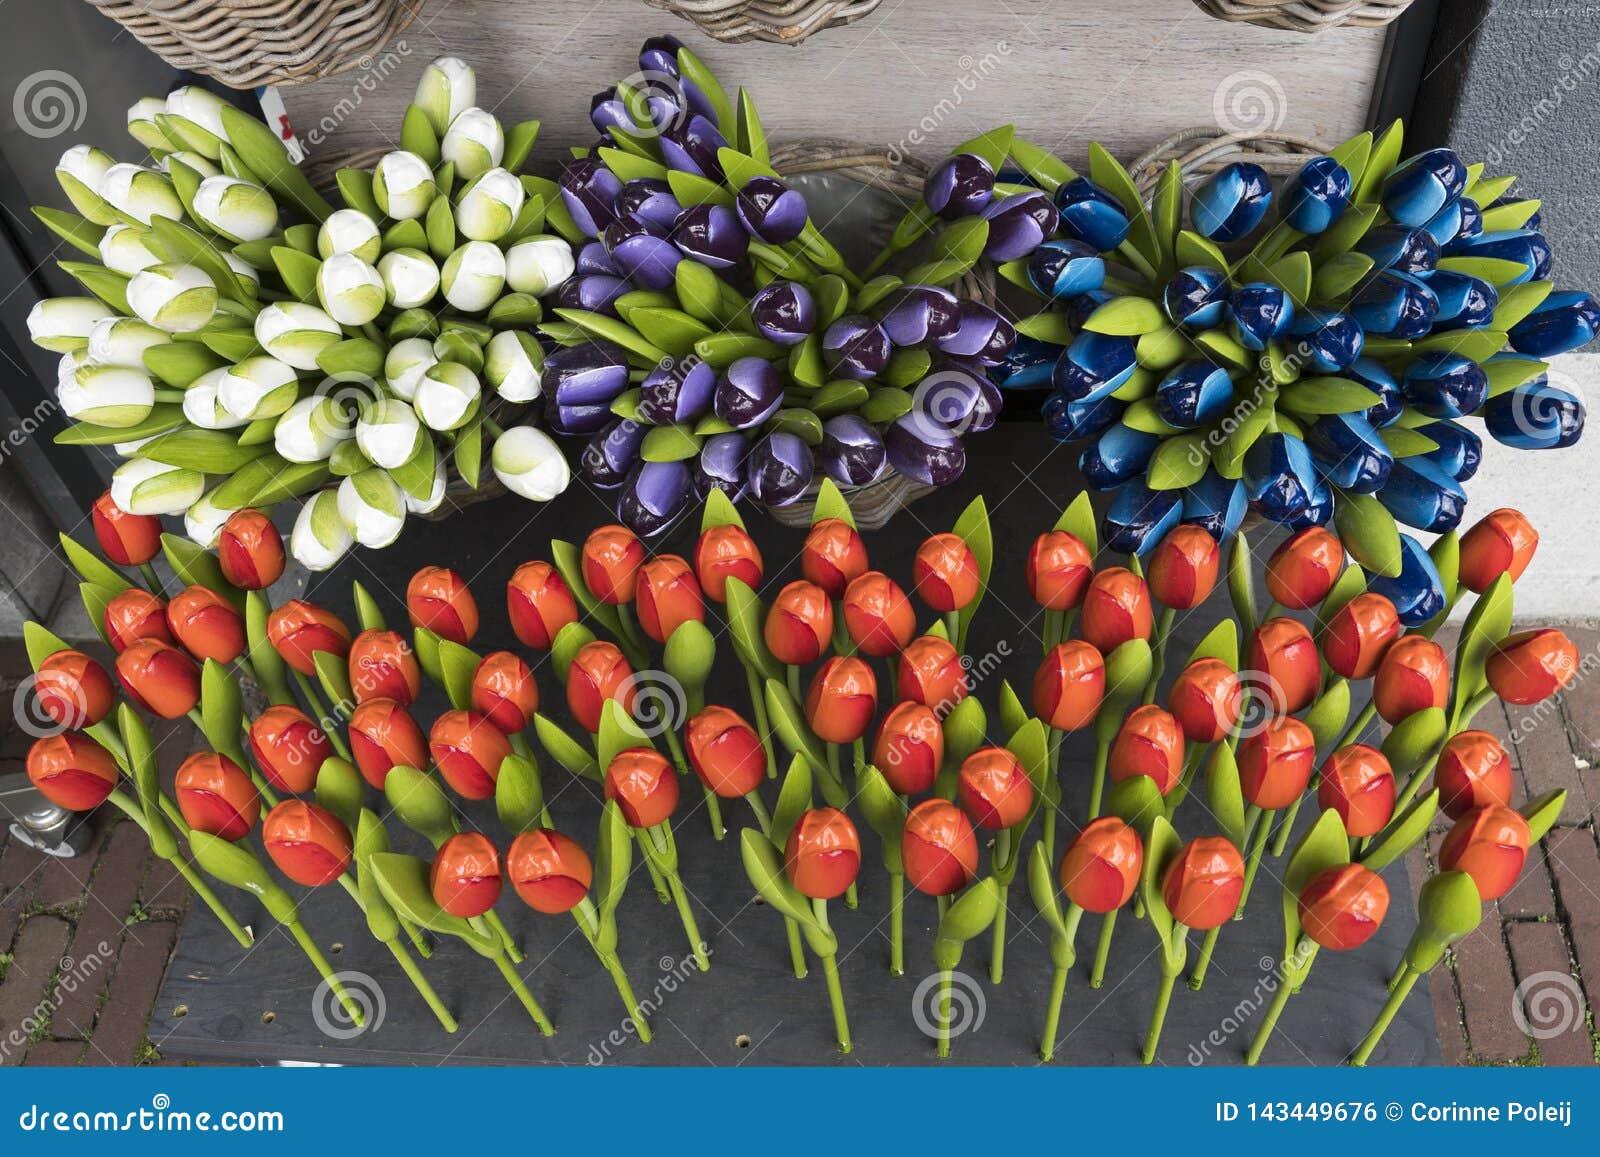 Diversos tulipanes de madera y plásticos como recuerdo holandés